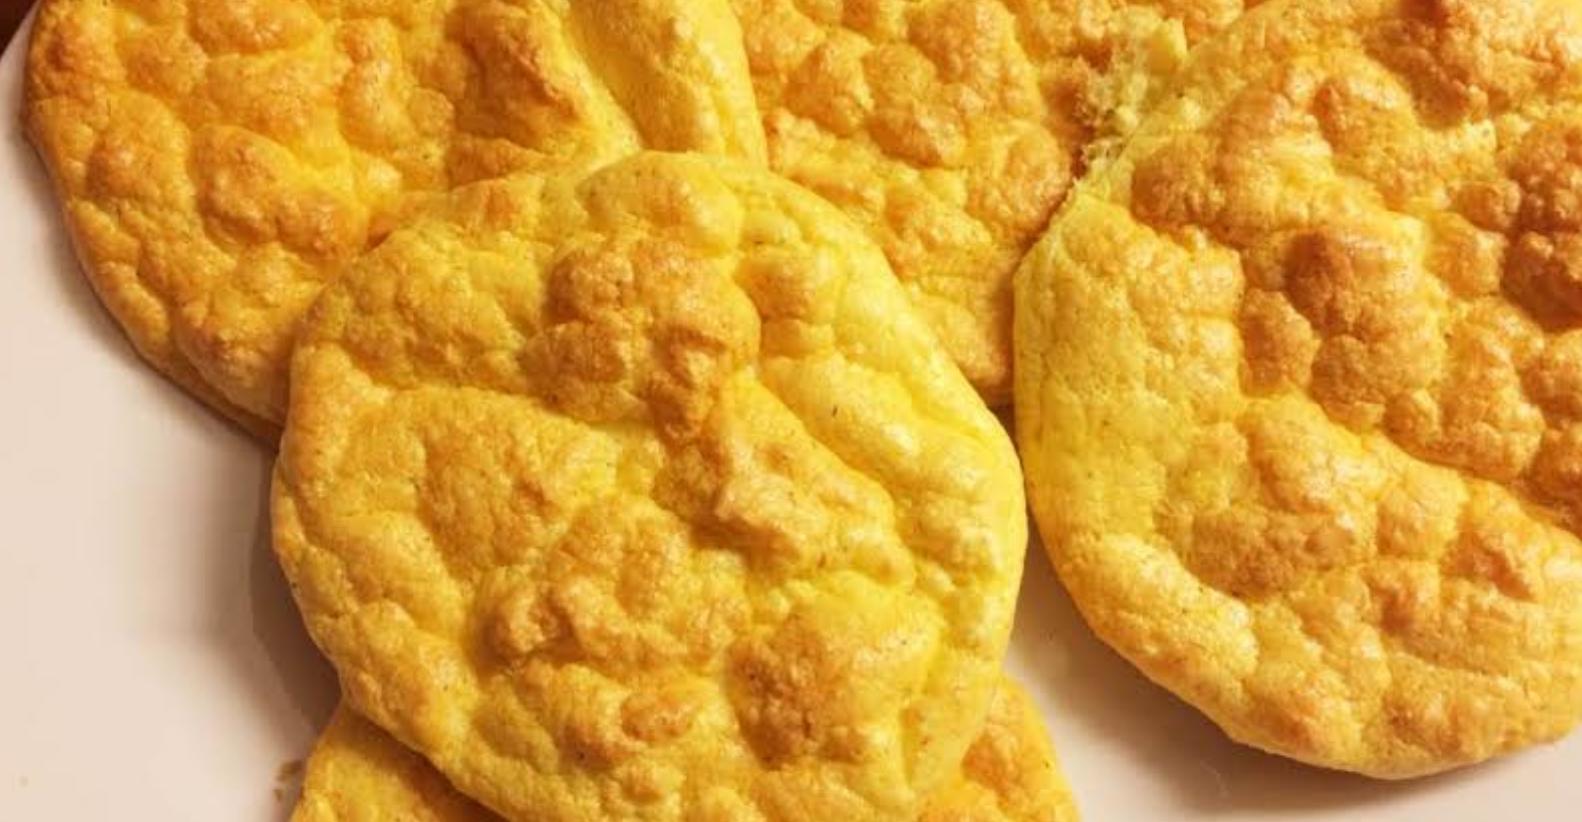 Kruhki brez moke